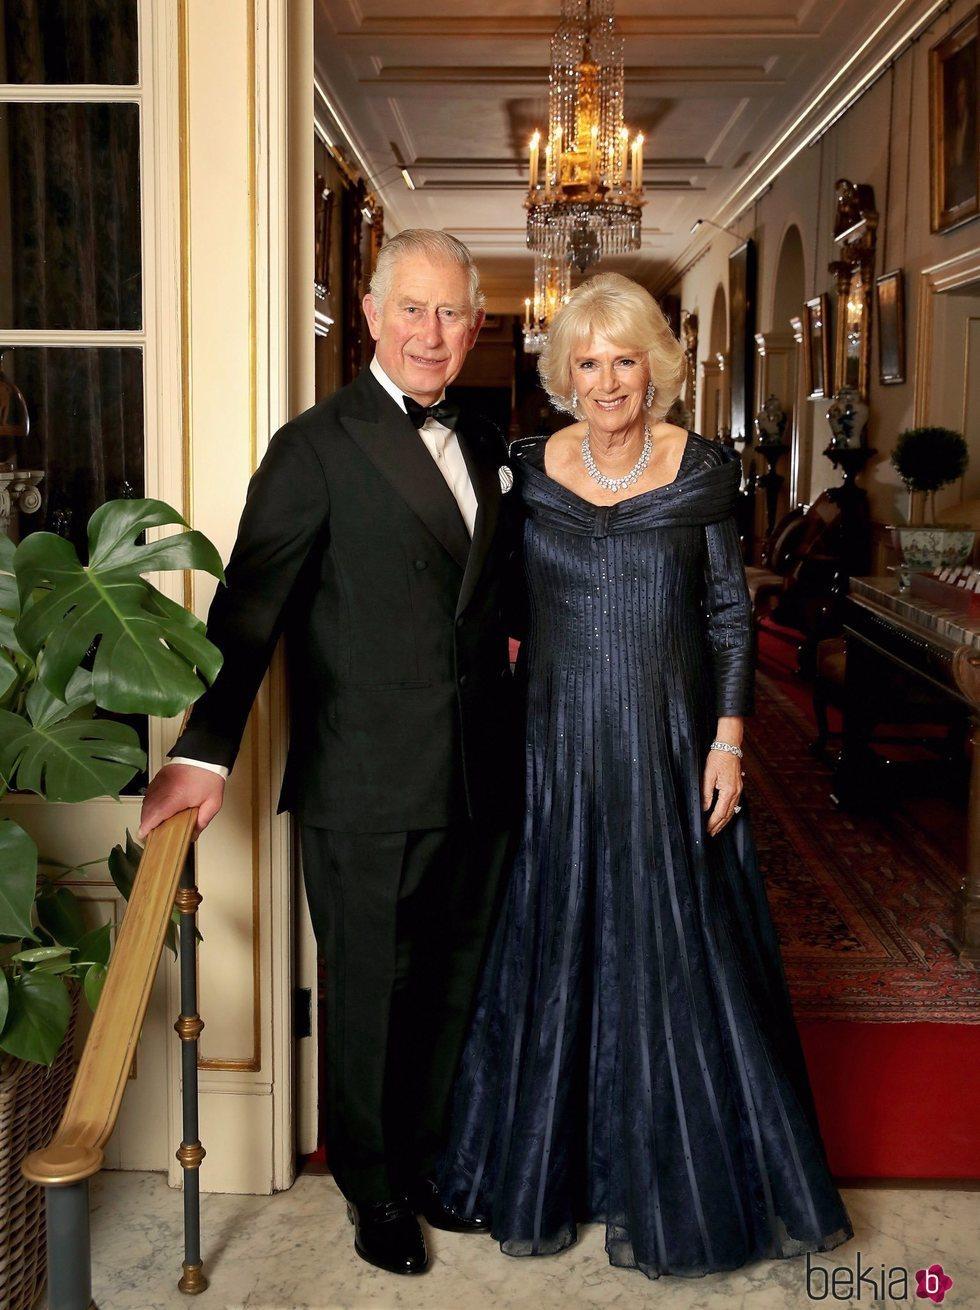 El Príncipe Carlos y Camilla Parker en el 70 cumpleaños del Príncipe de Gales